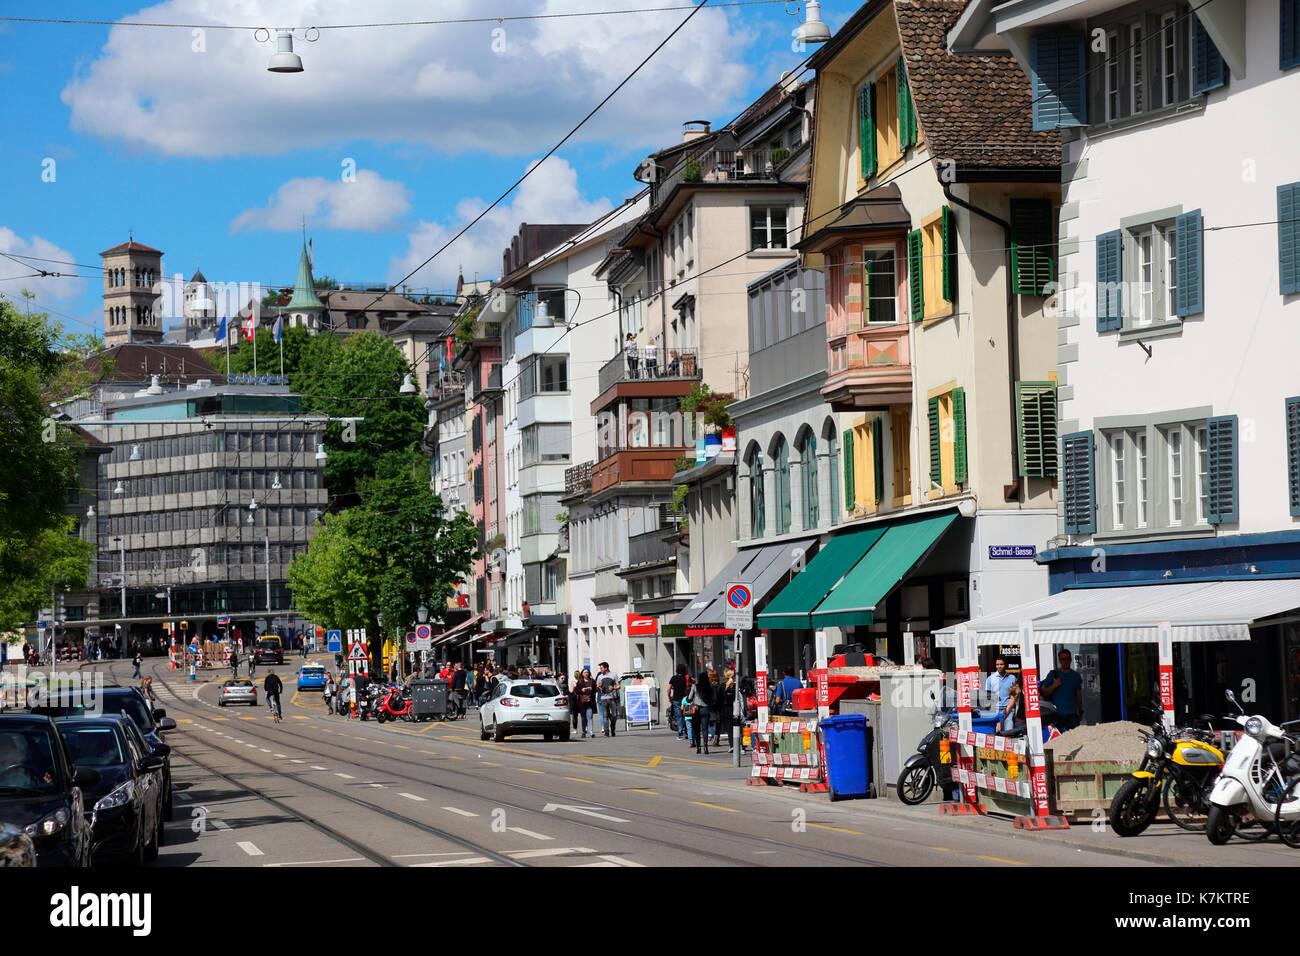 Switzerland Zurich Limmatquai - Stock Image